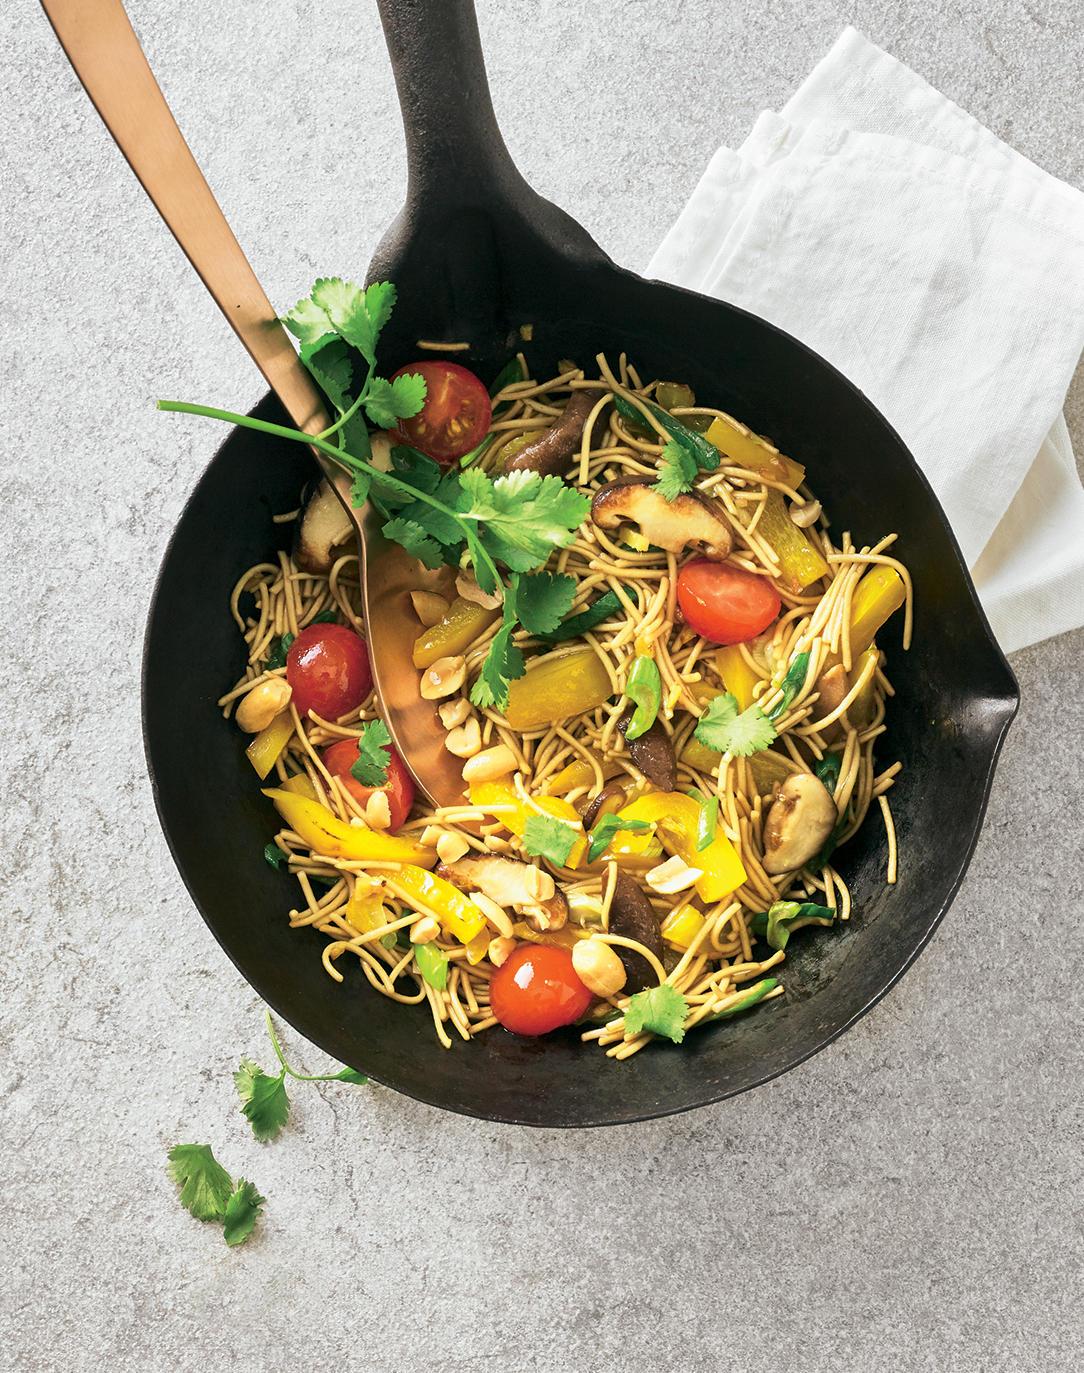 Schön China Küche Menü New Braunfels Galerie - Ideen Für Die Küche ...